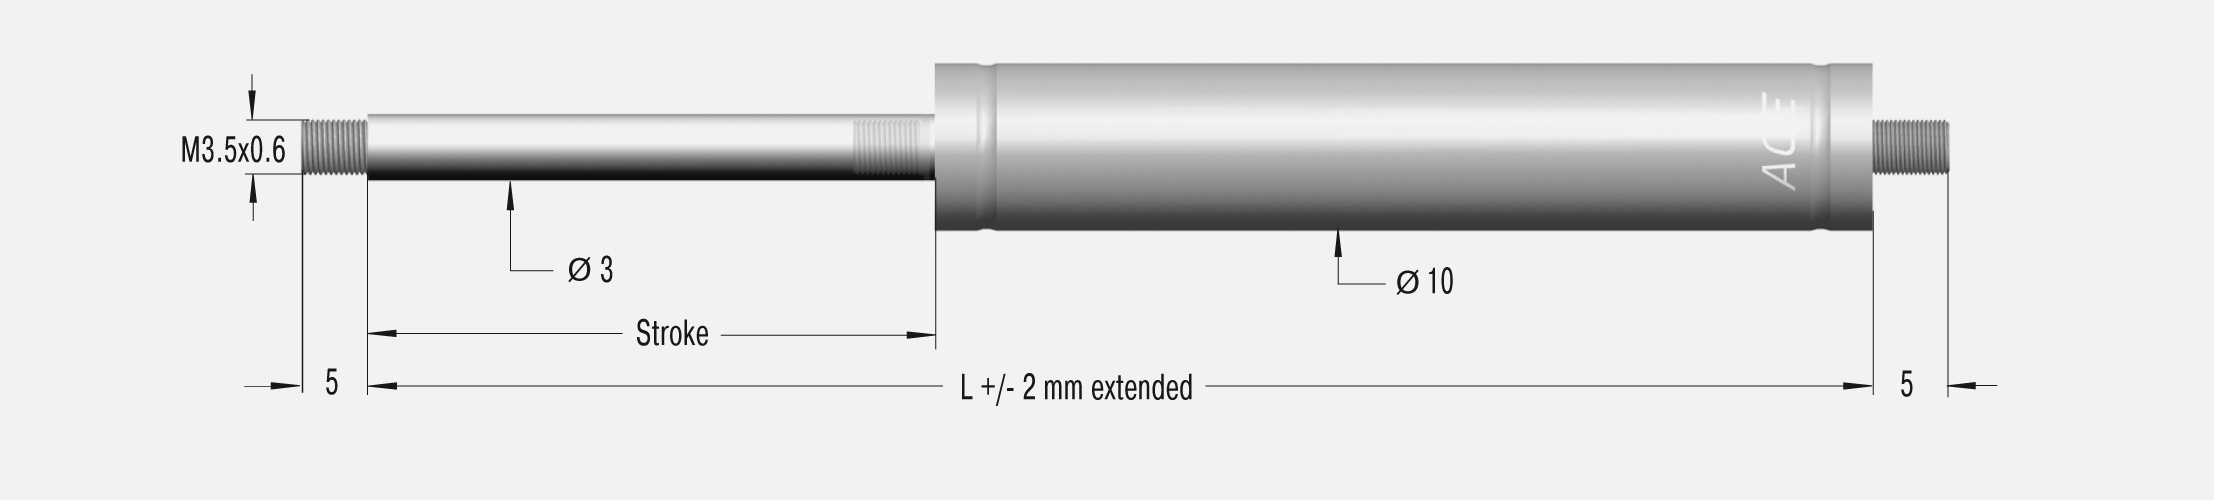 GS-10-50-V4A